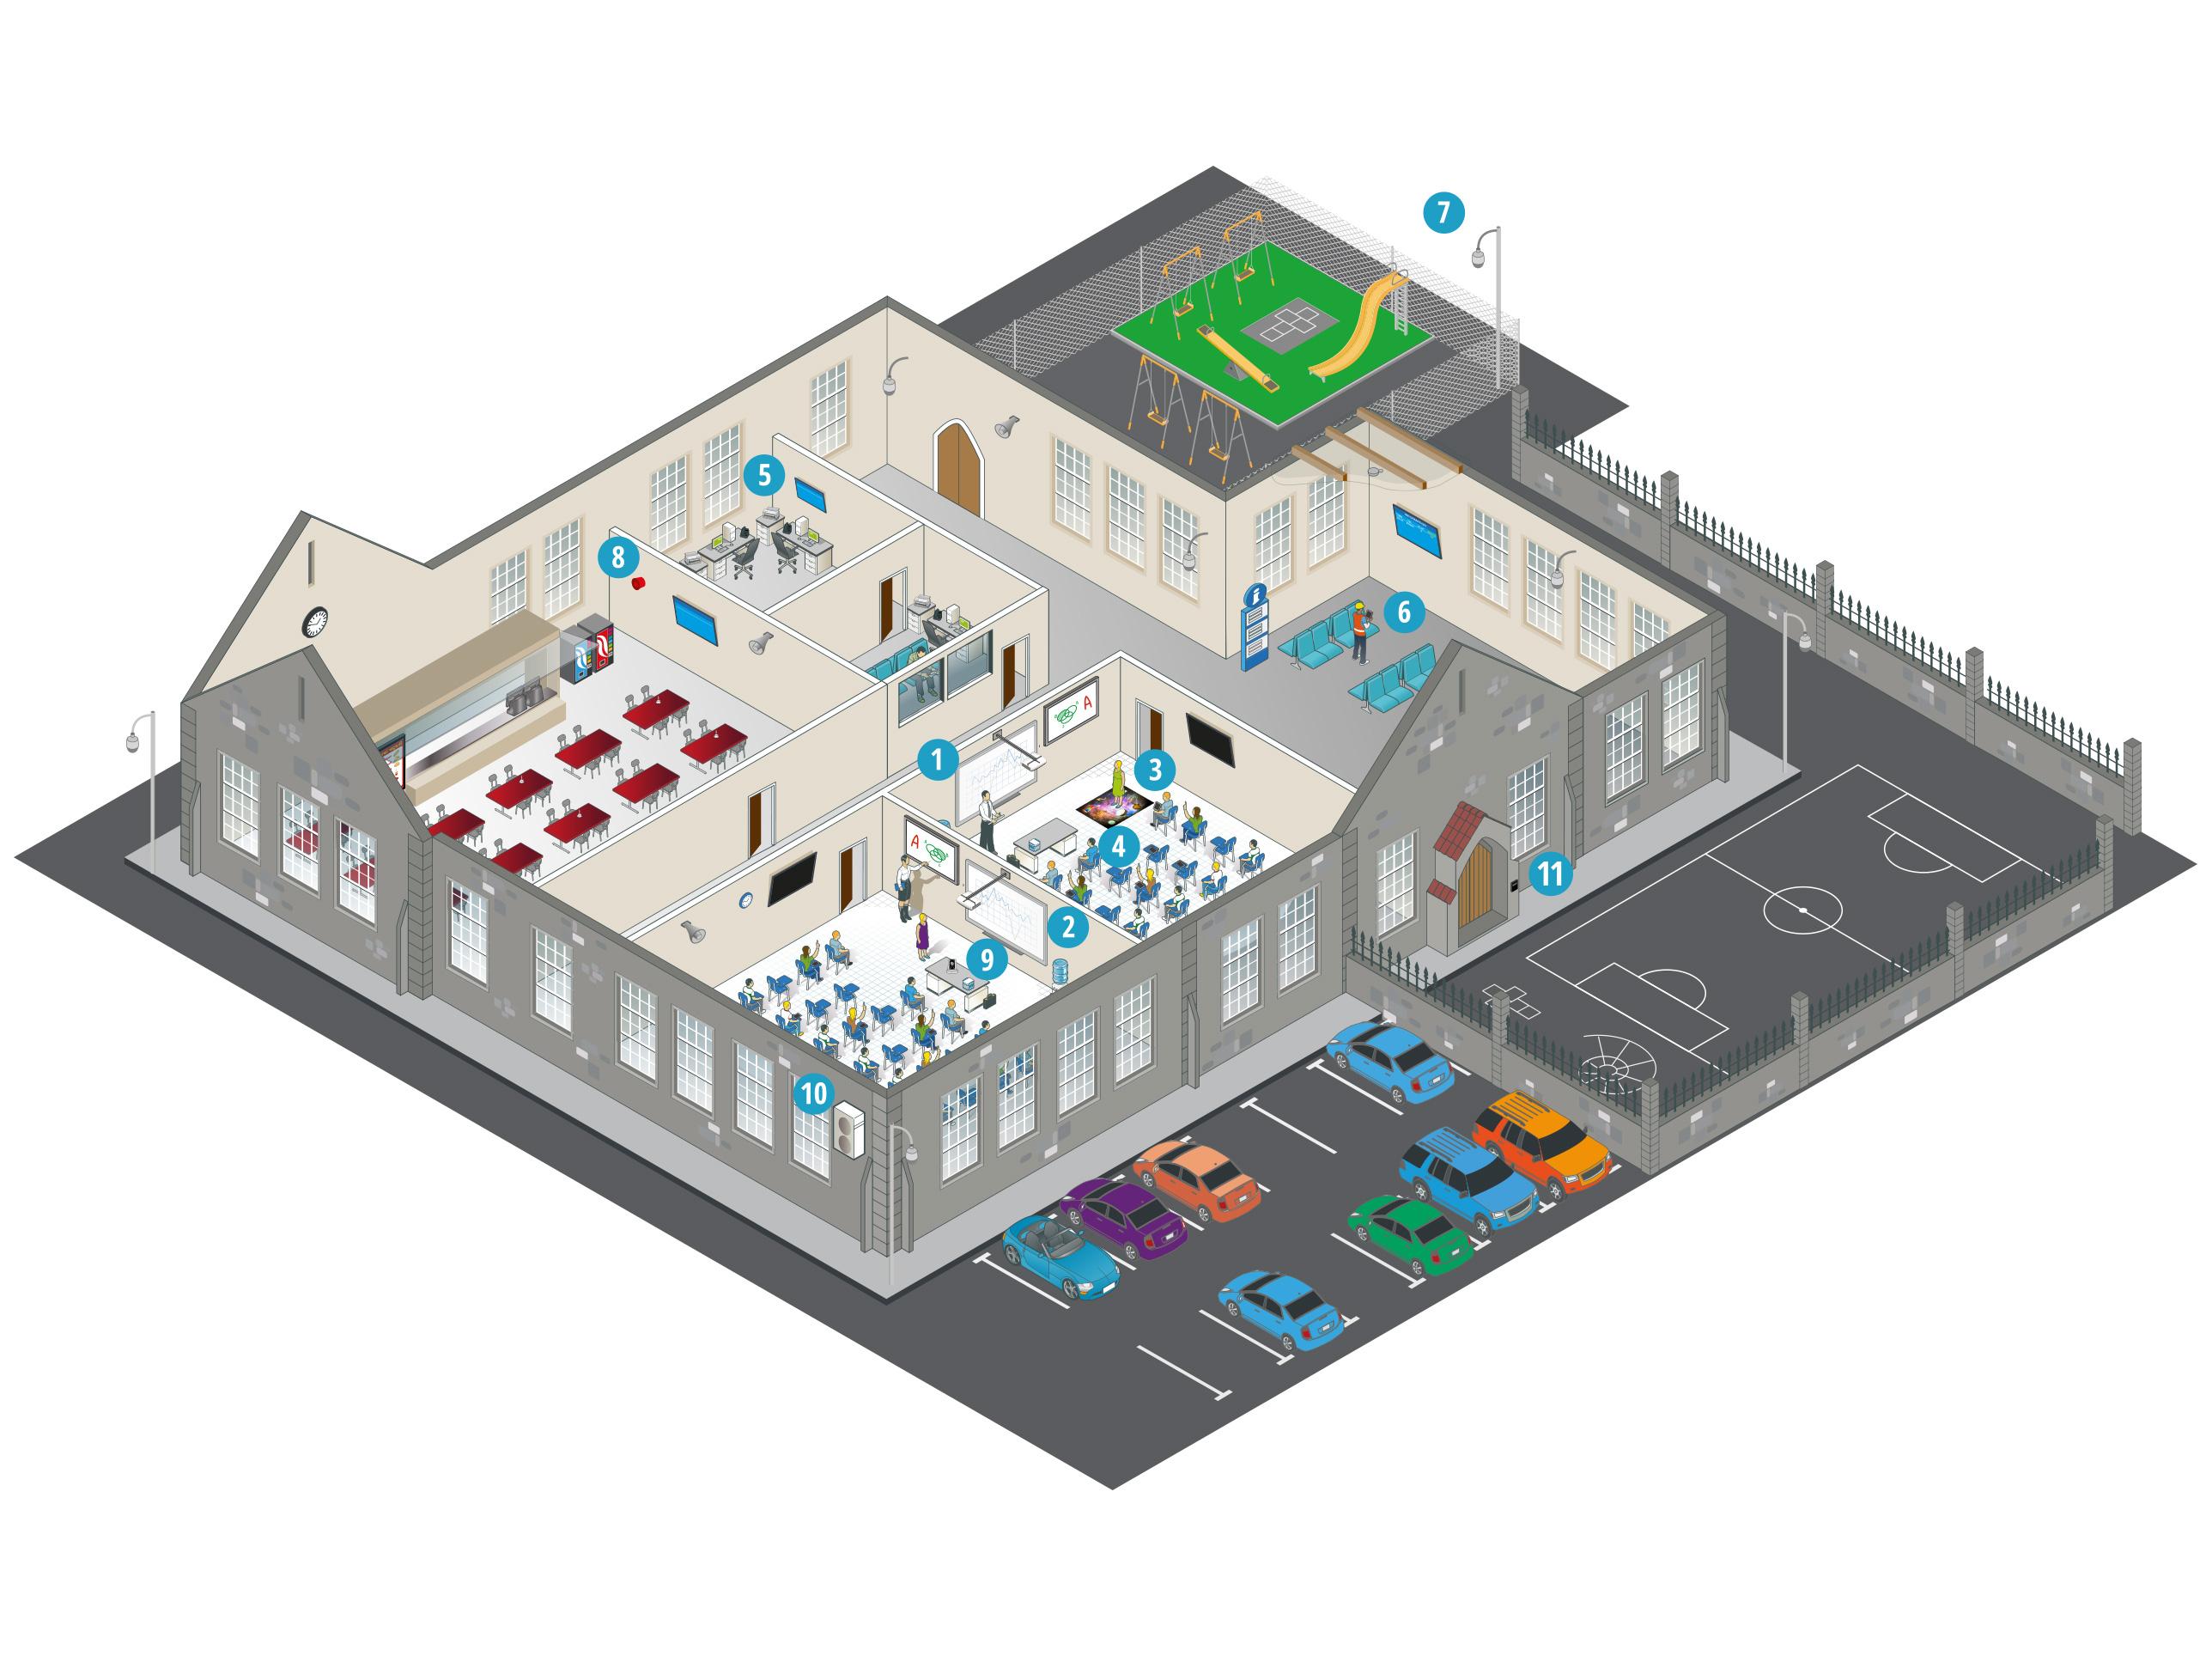 Comment les solutions de Panasonic aident-elles l'enseignement primaire?